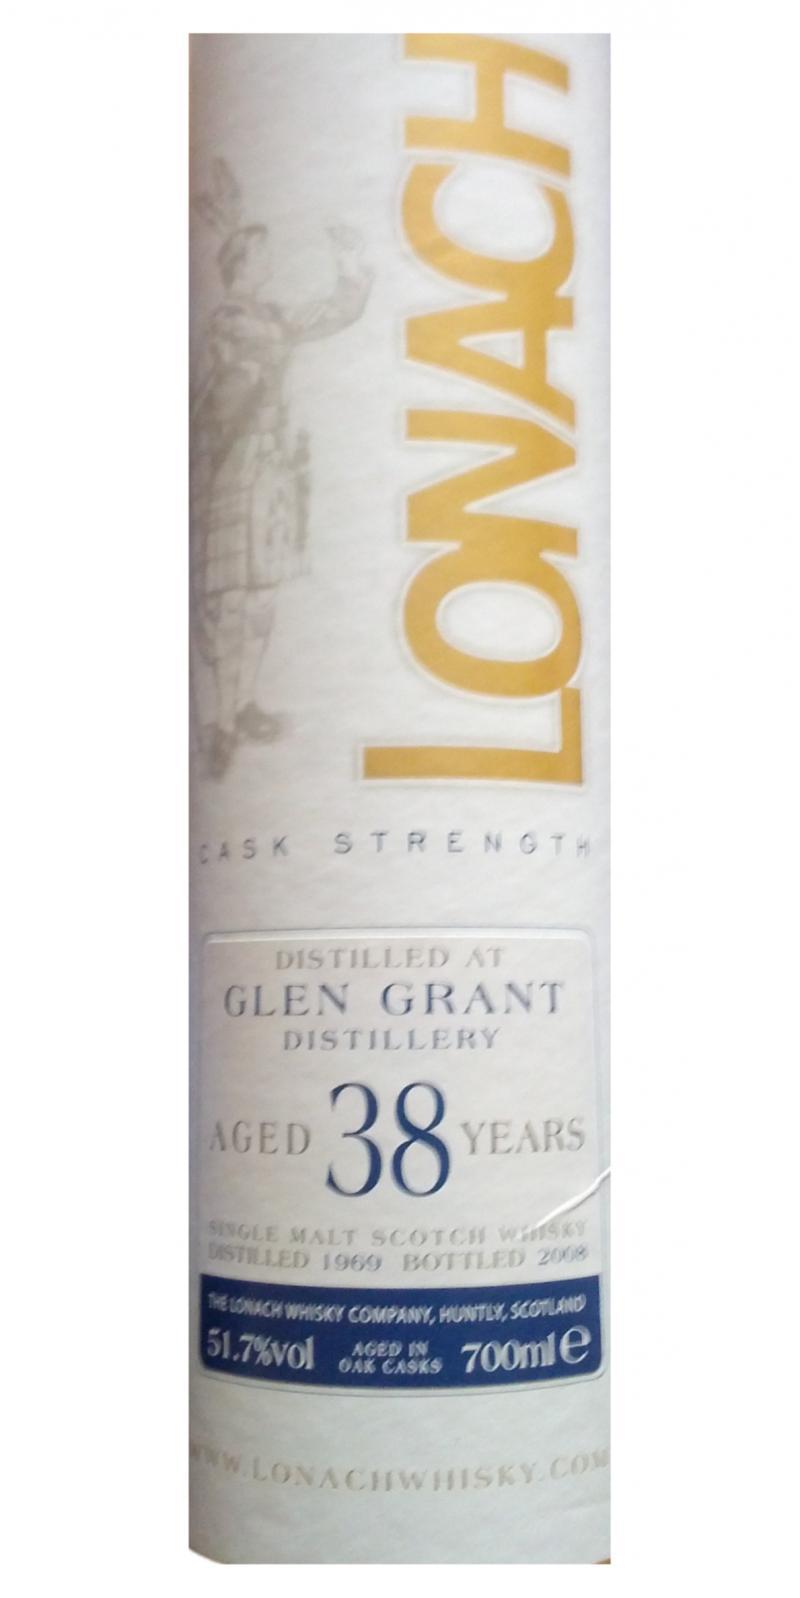 Glen Grant 1969 DT